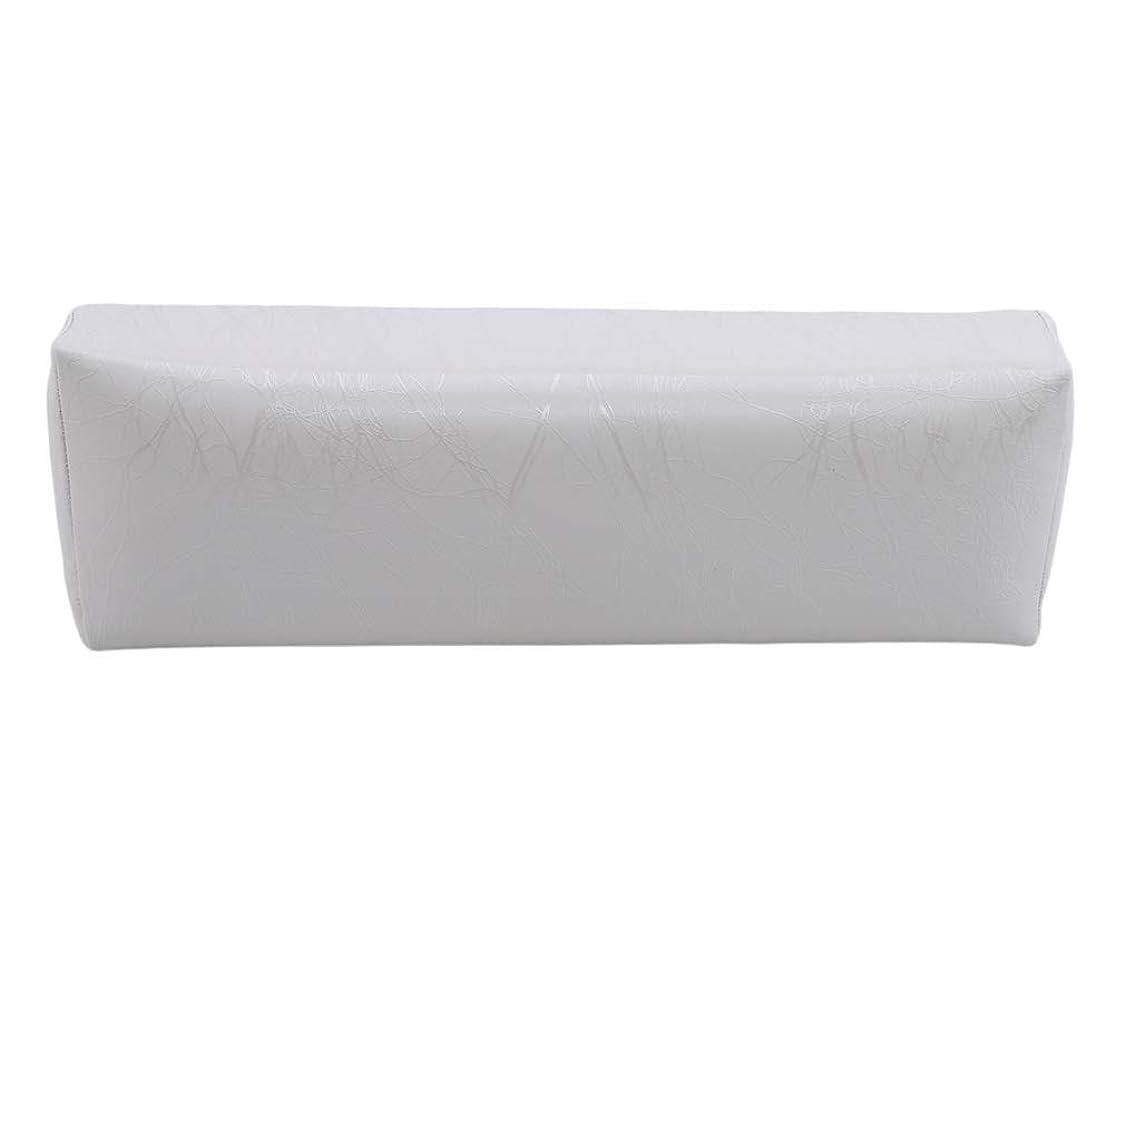 エミュレートする干ばつロープHKUN プロのネイルアートツール ケアツール 洗える 手枕クッション ネイルアートホルダー ソフトアームレスト用 ネイルケア用 マニキュアネイル用品 白色